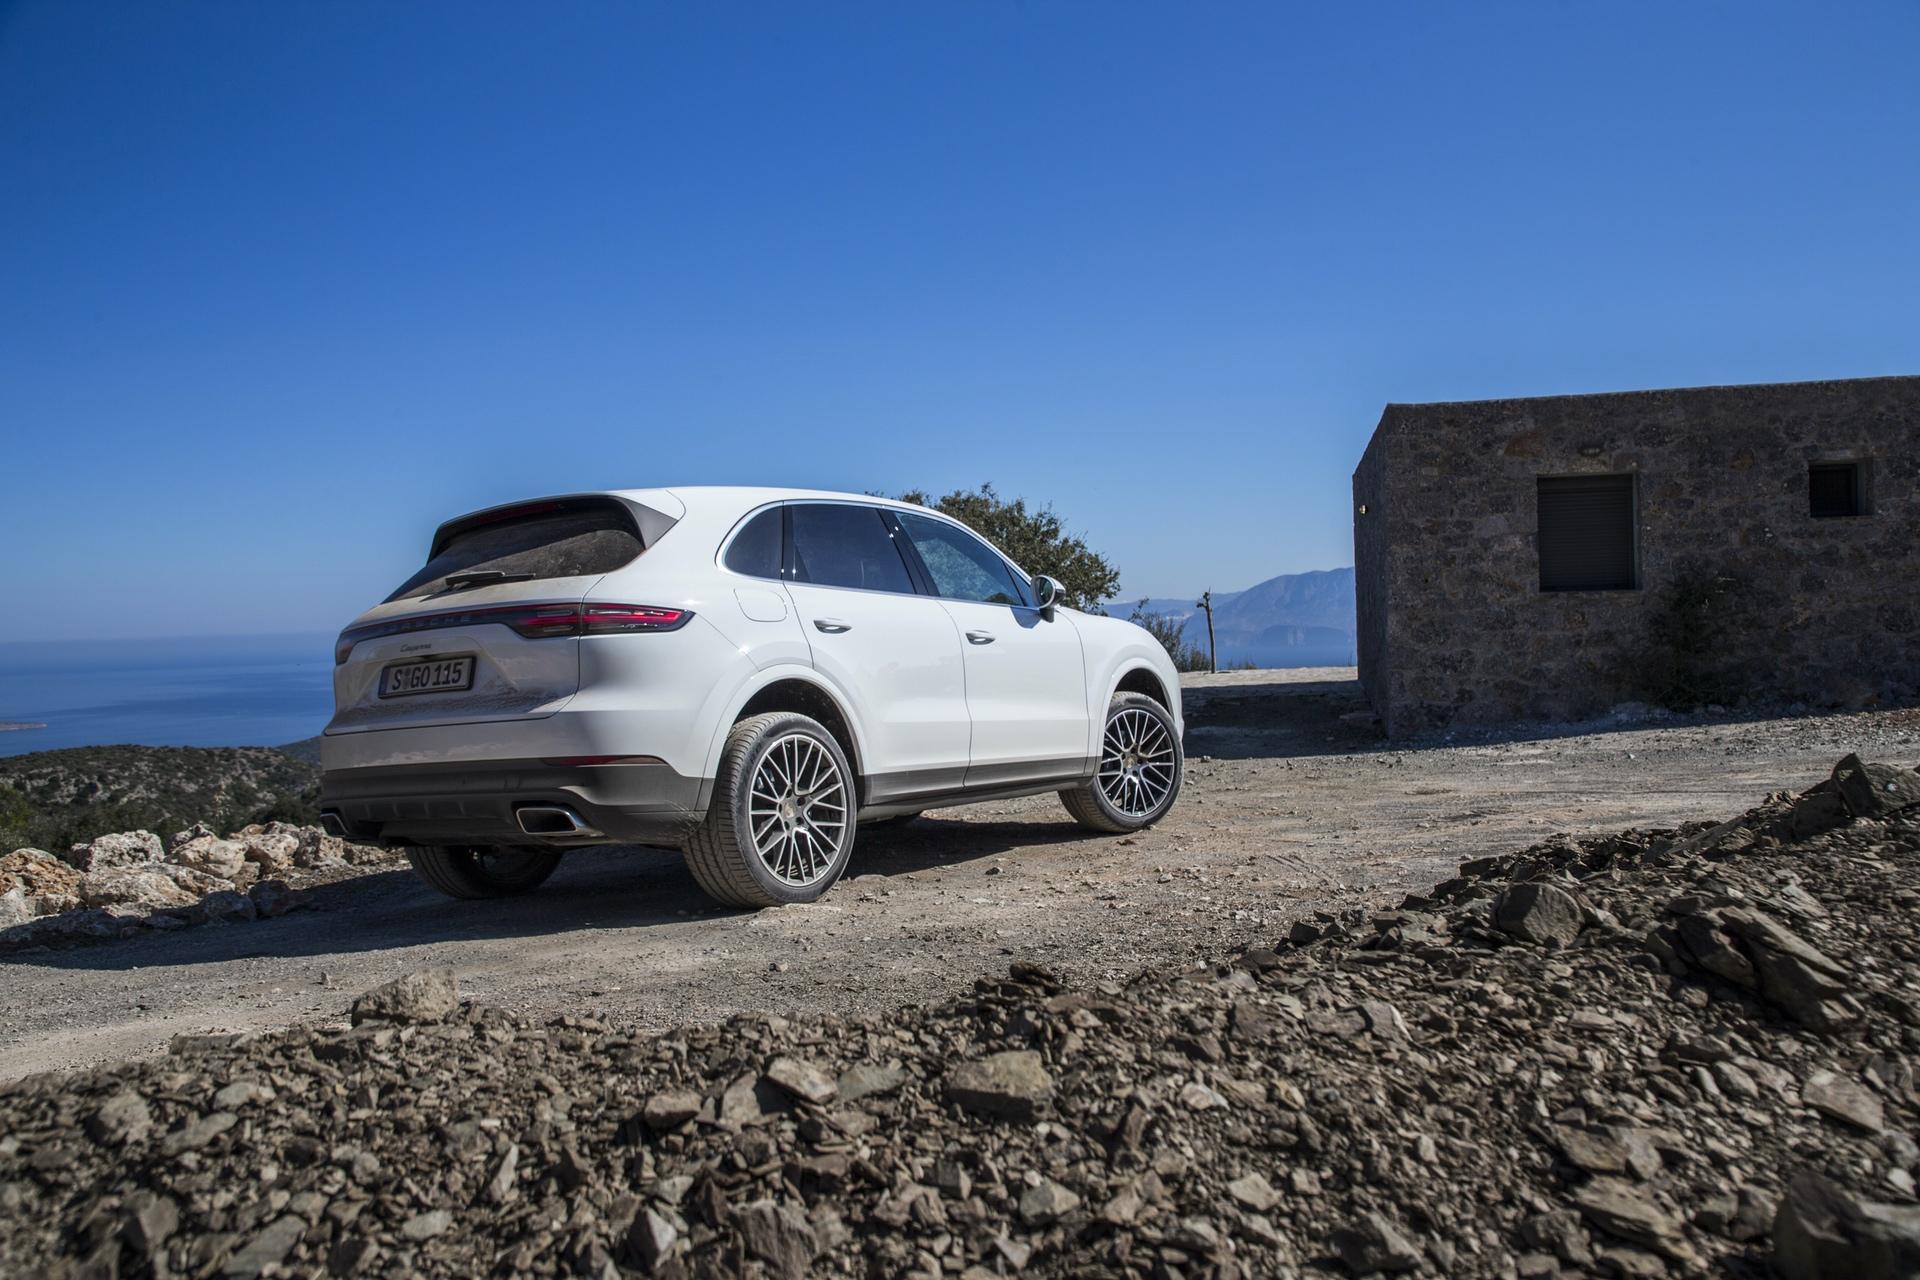 Test_Drive_Porsche_Cayenne_275